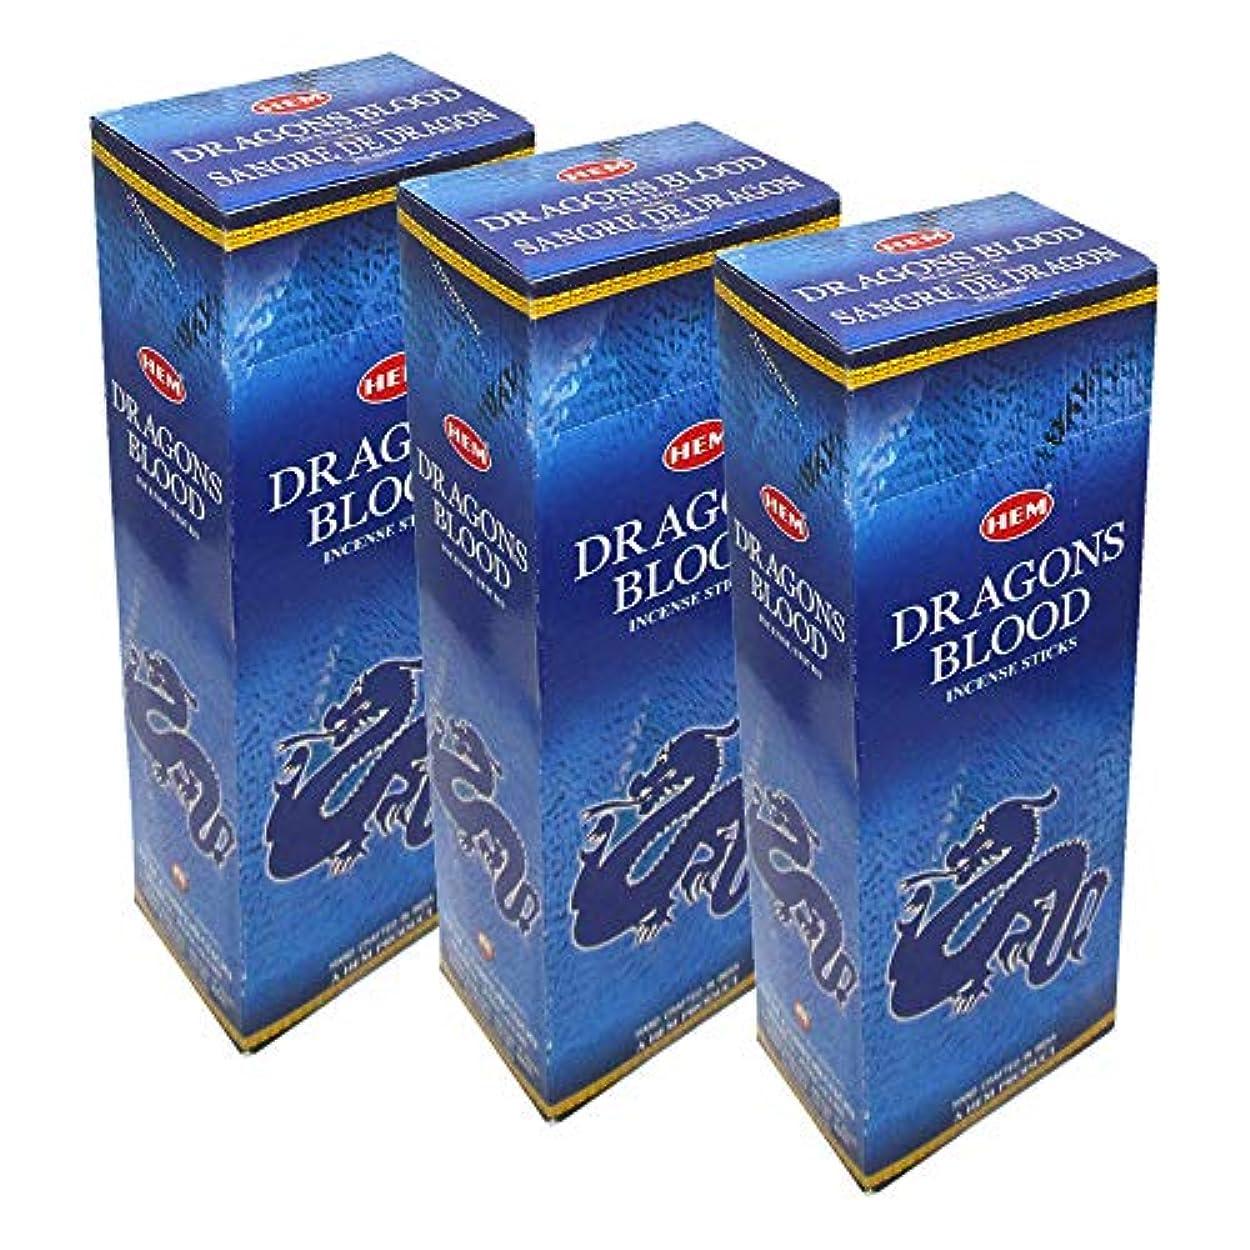 最小居心地の良いやめるHEM ドラゴンブラッドブルーアガーバティ18本入りお香箱 各20g入り